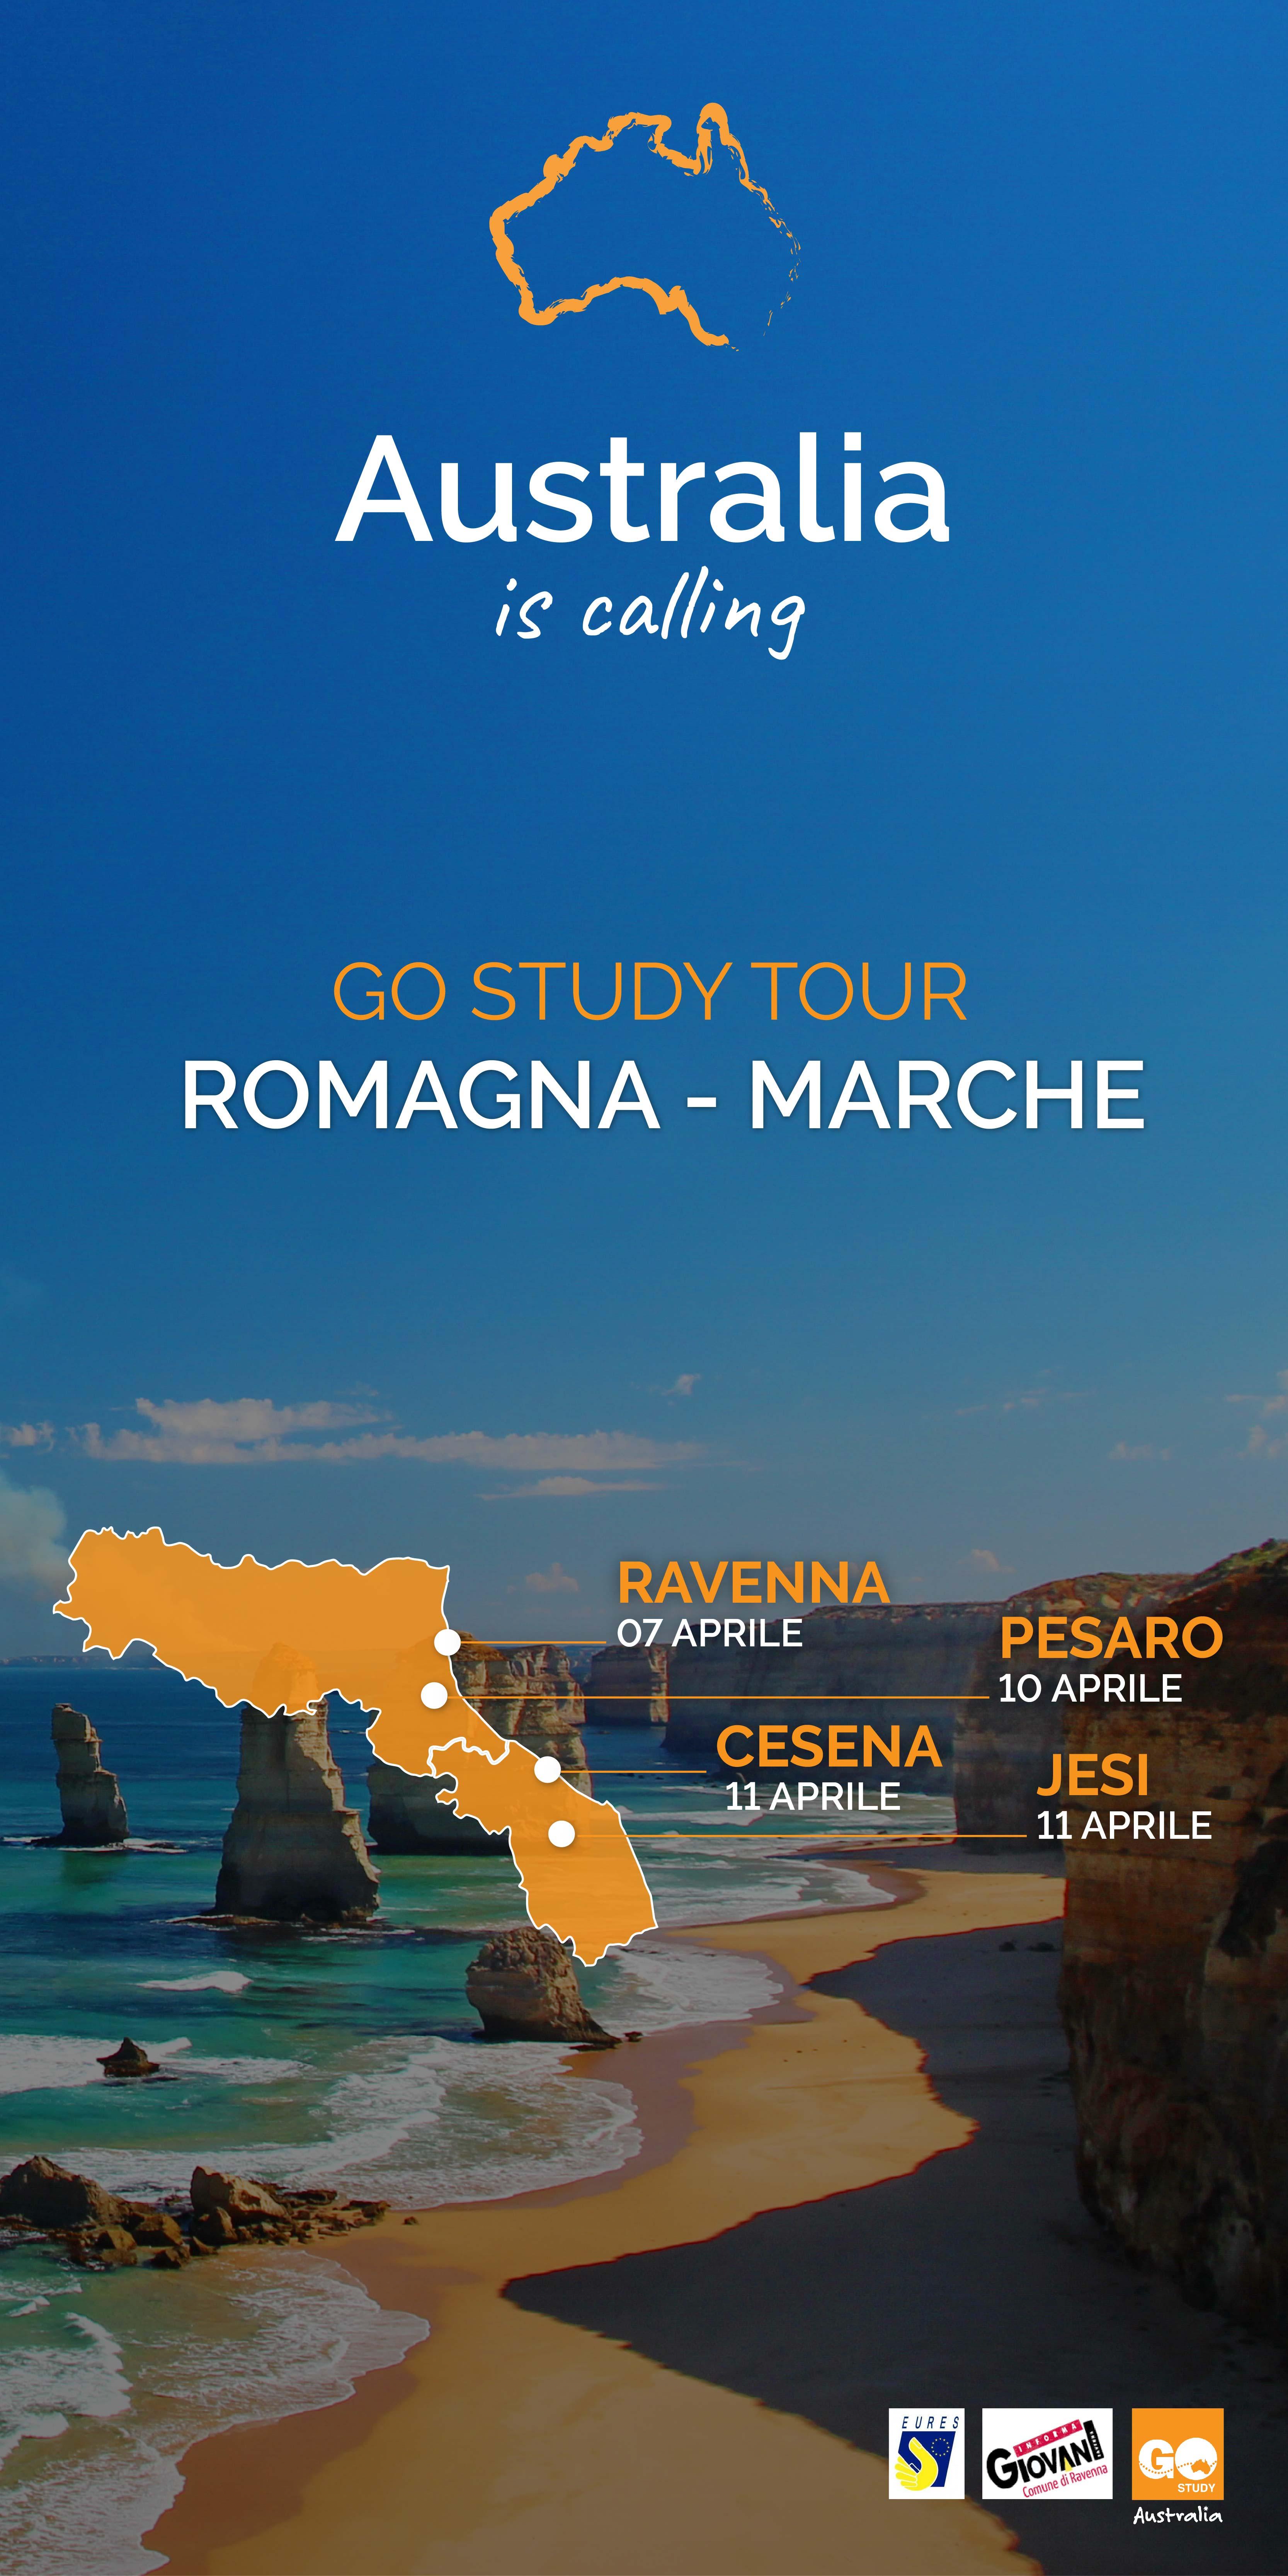 Go Study Tour Romagna - Marche